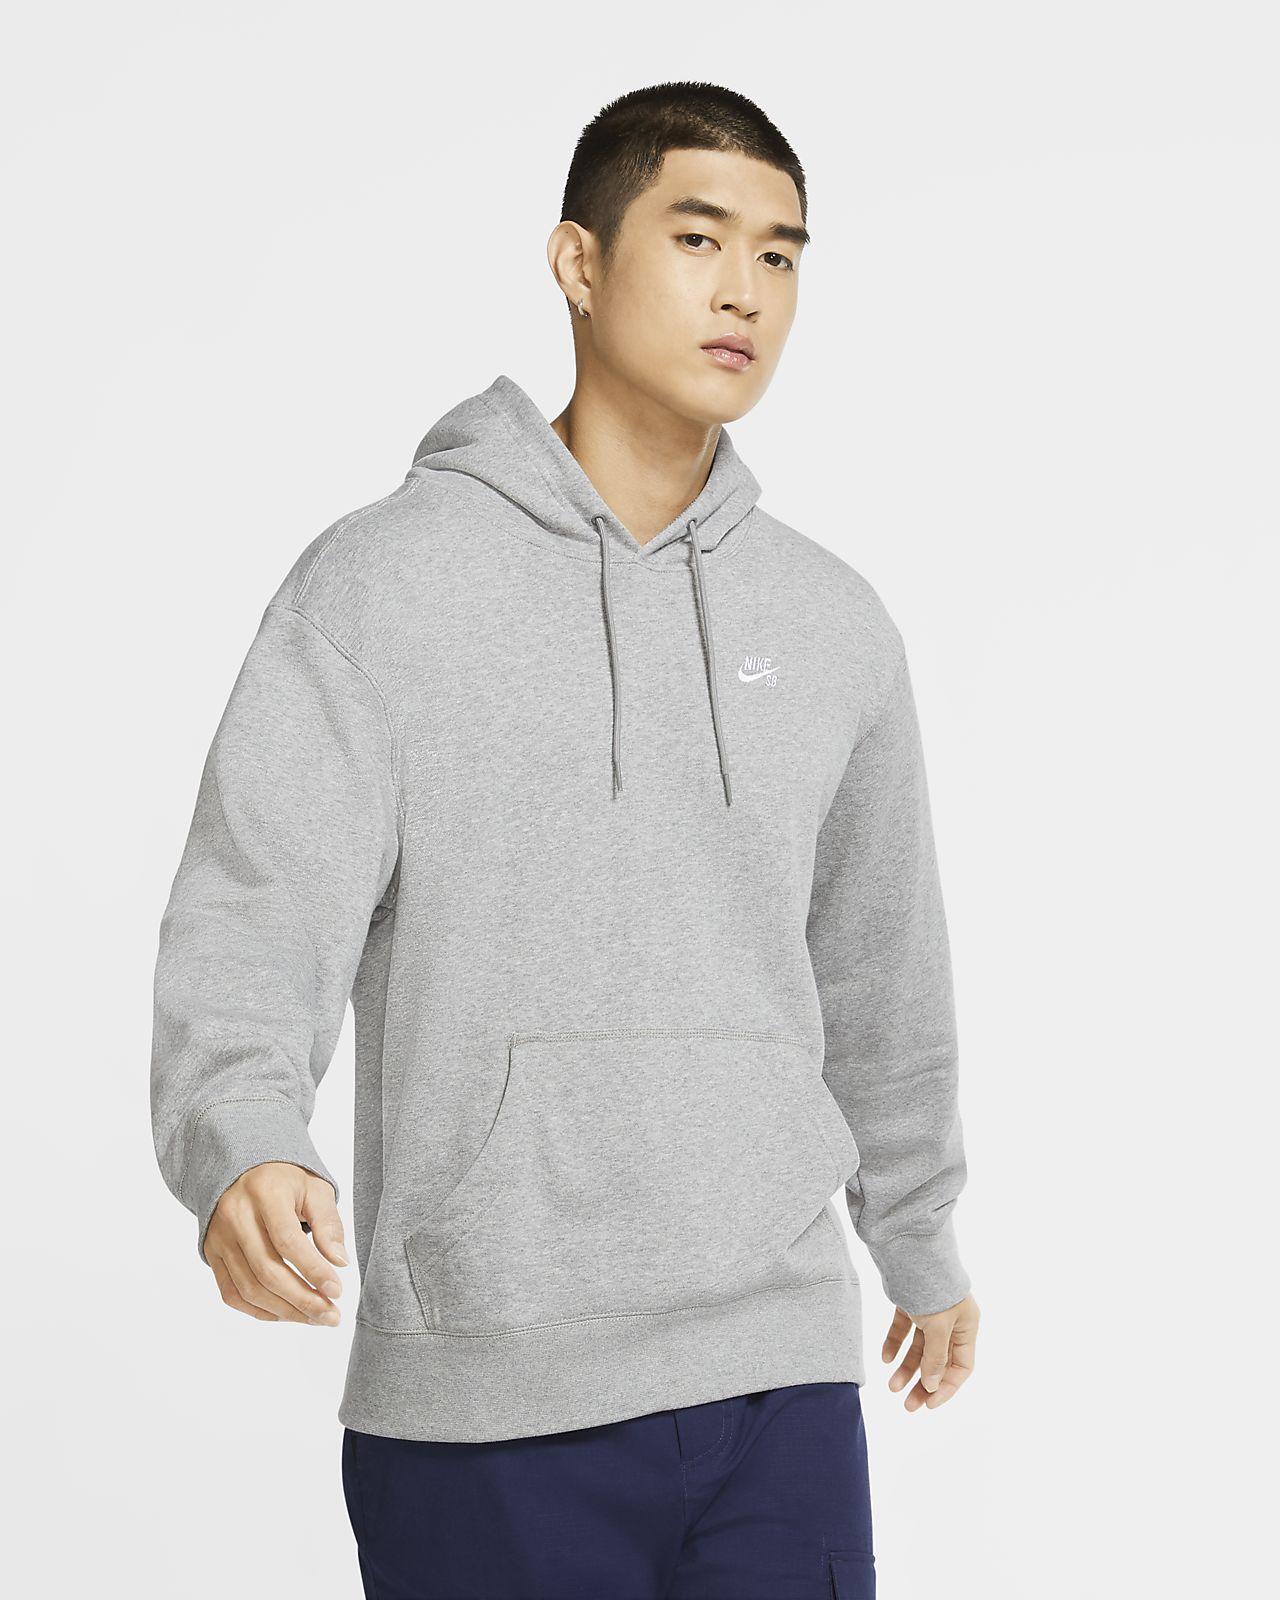 Nike SB Kapüşonlu Kaykay Üstü